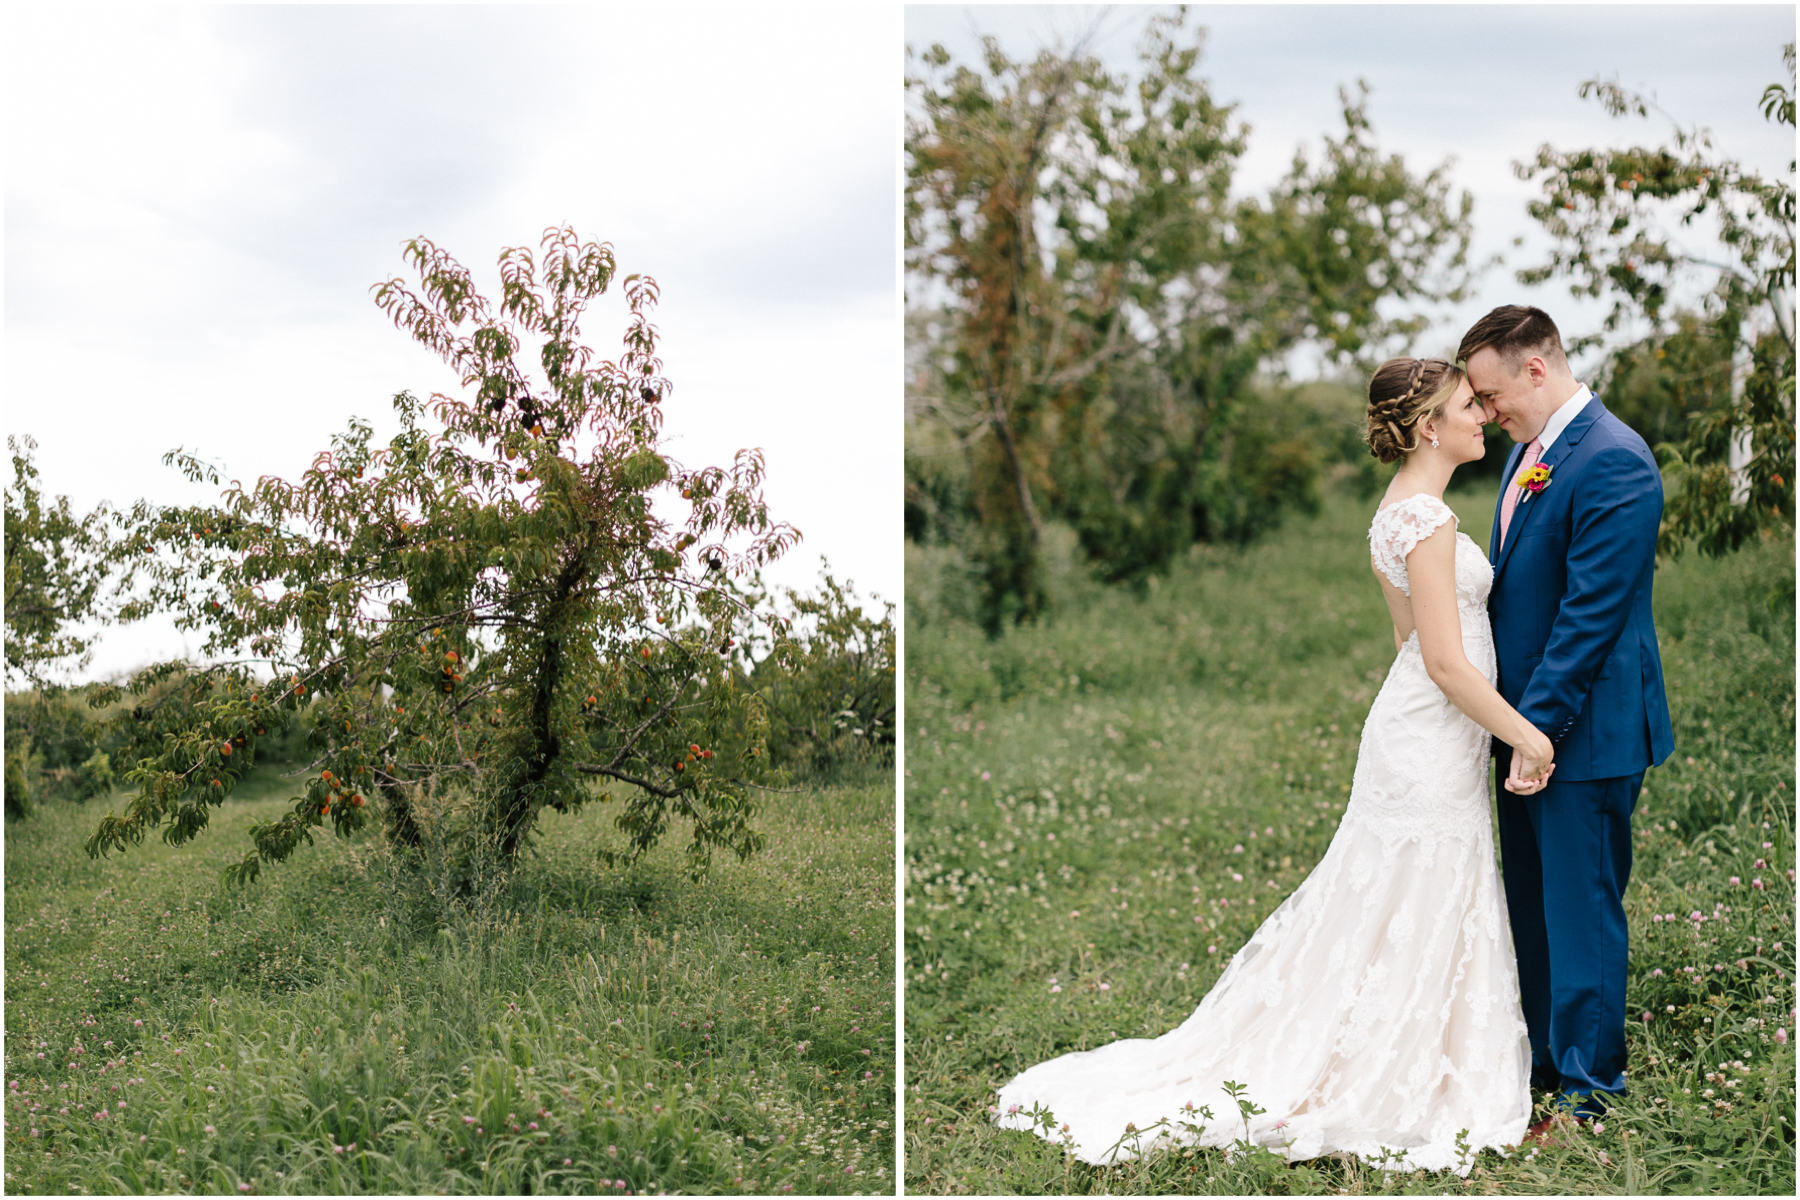 alyssa barletter photography weston missouri bright summer wedding allie and alex cole-24.jpg